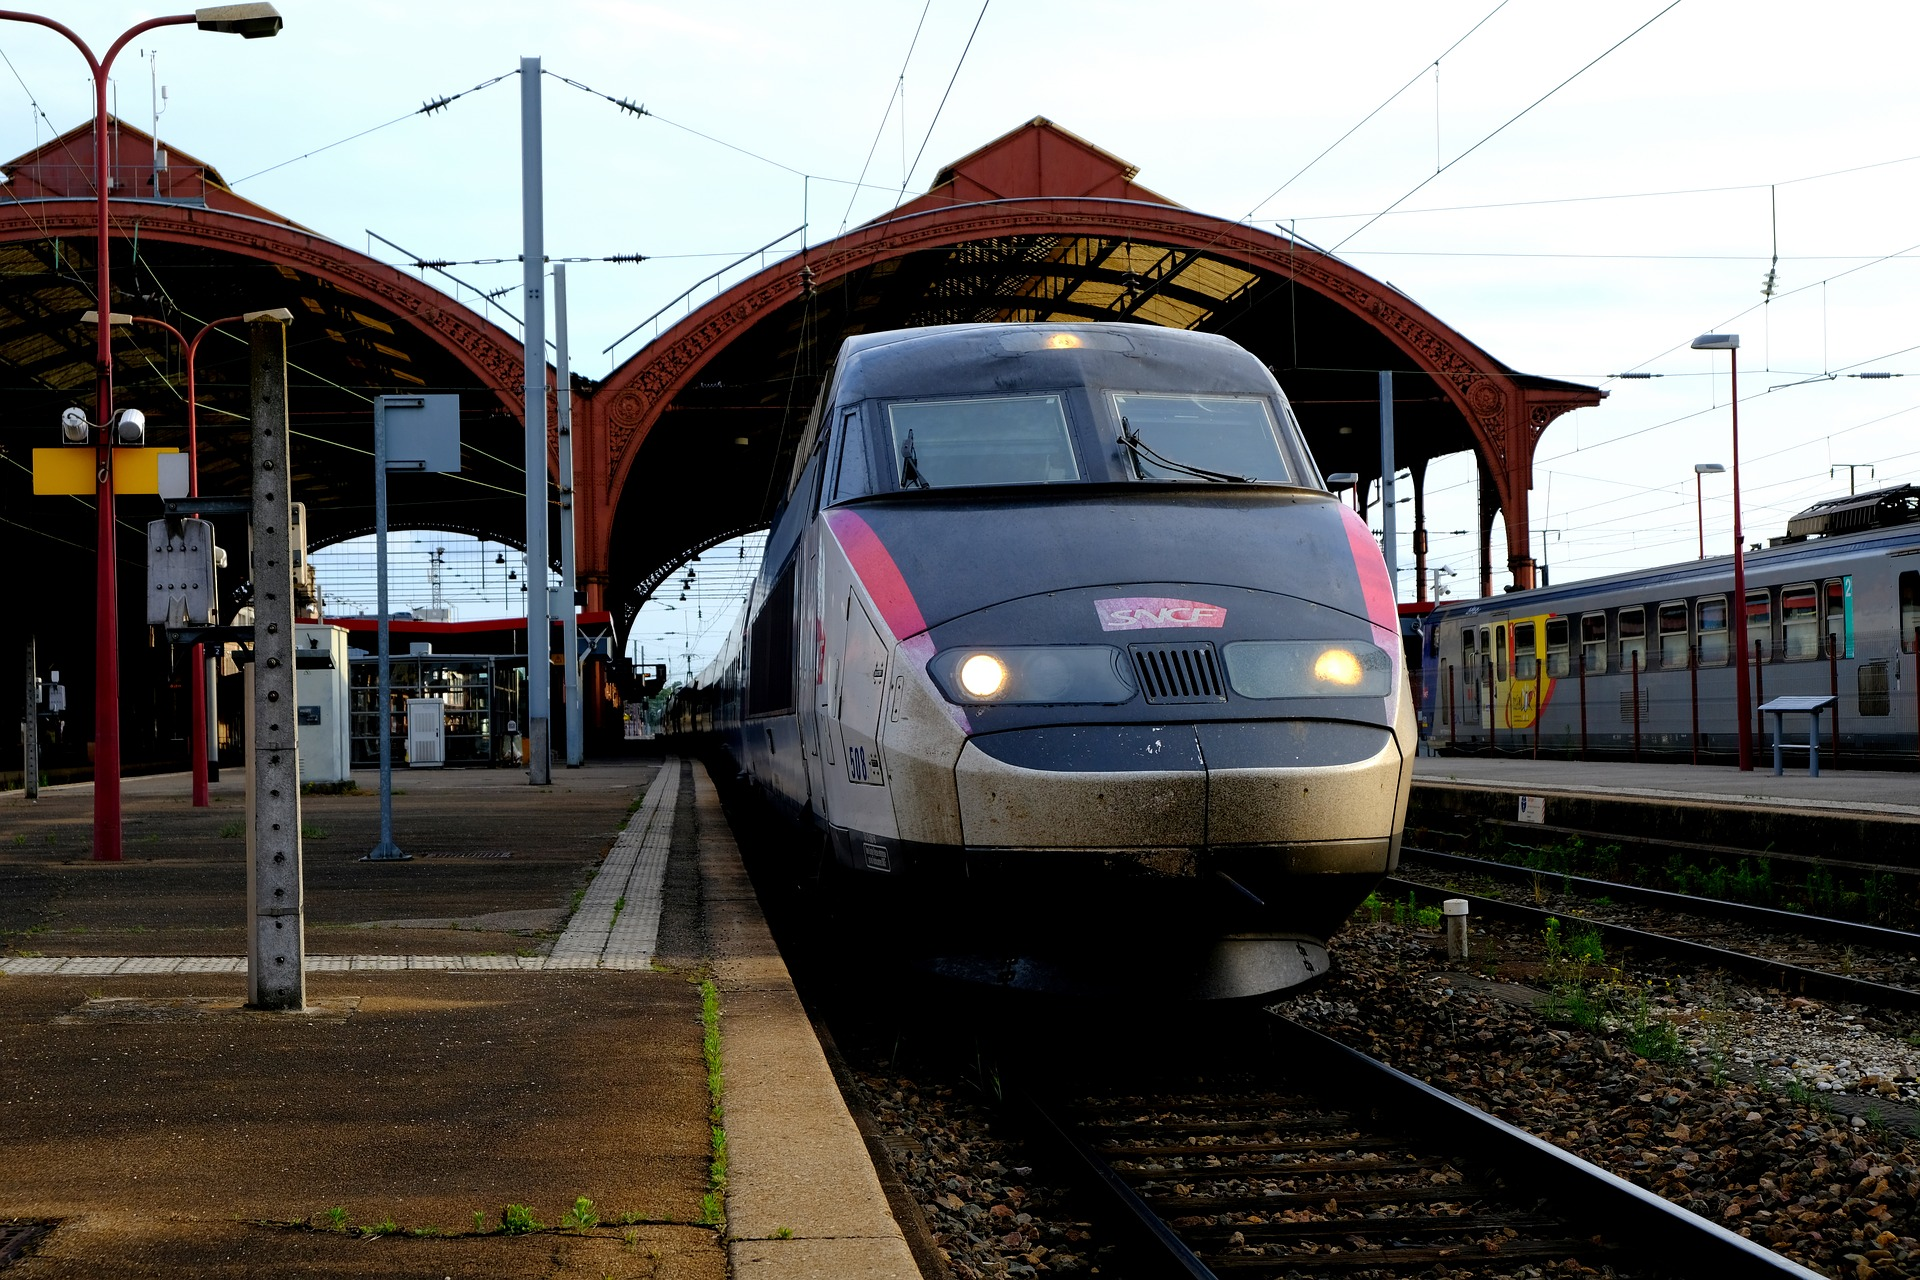 Grève à la SNCF : en Ile-de-France, le covoiturage sera remboursé